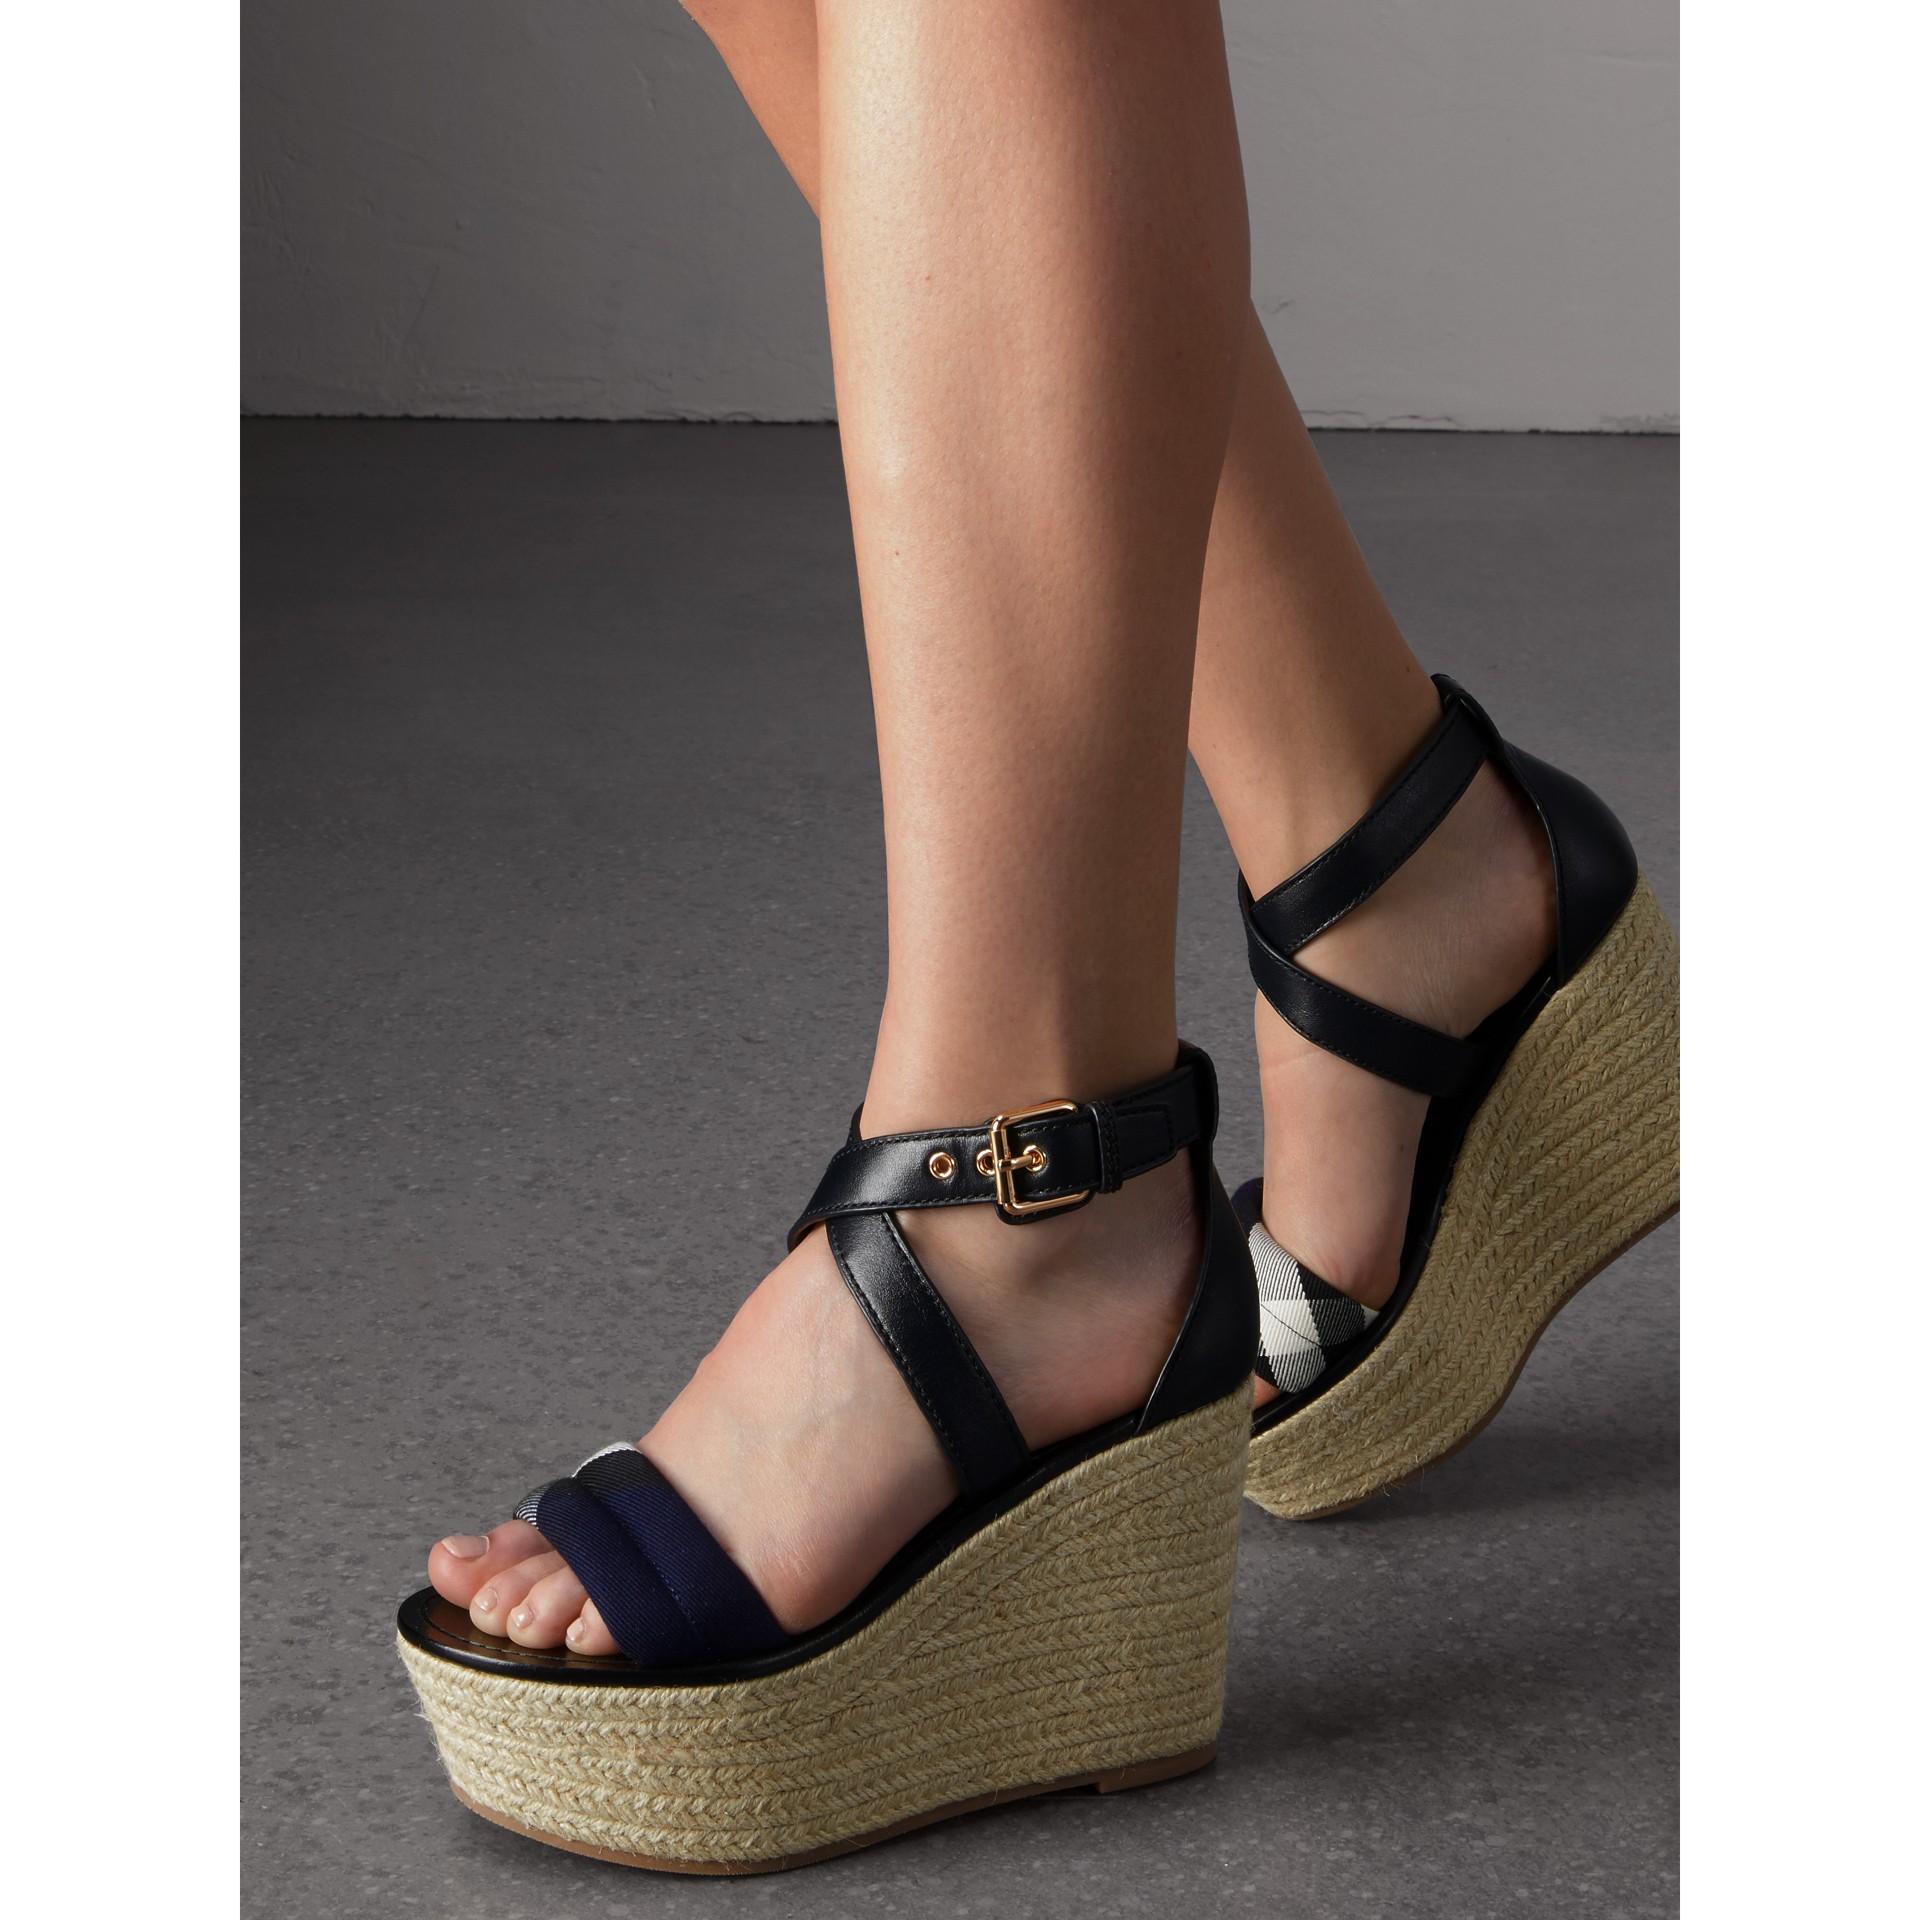 Sandales espadrilles compensées en cuir avec motif House check (Marine) - Femme | Burberry - photo de la galerie 3